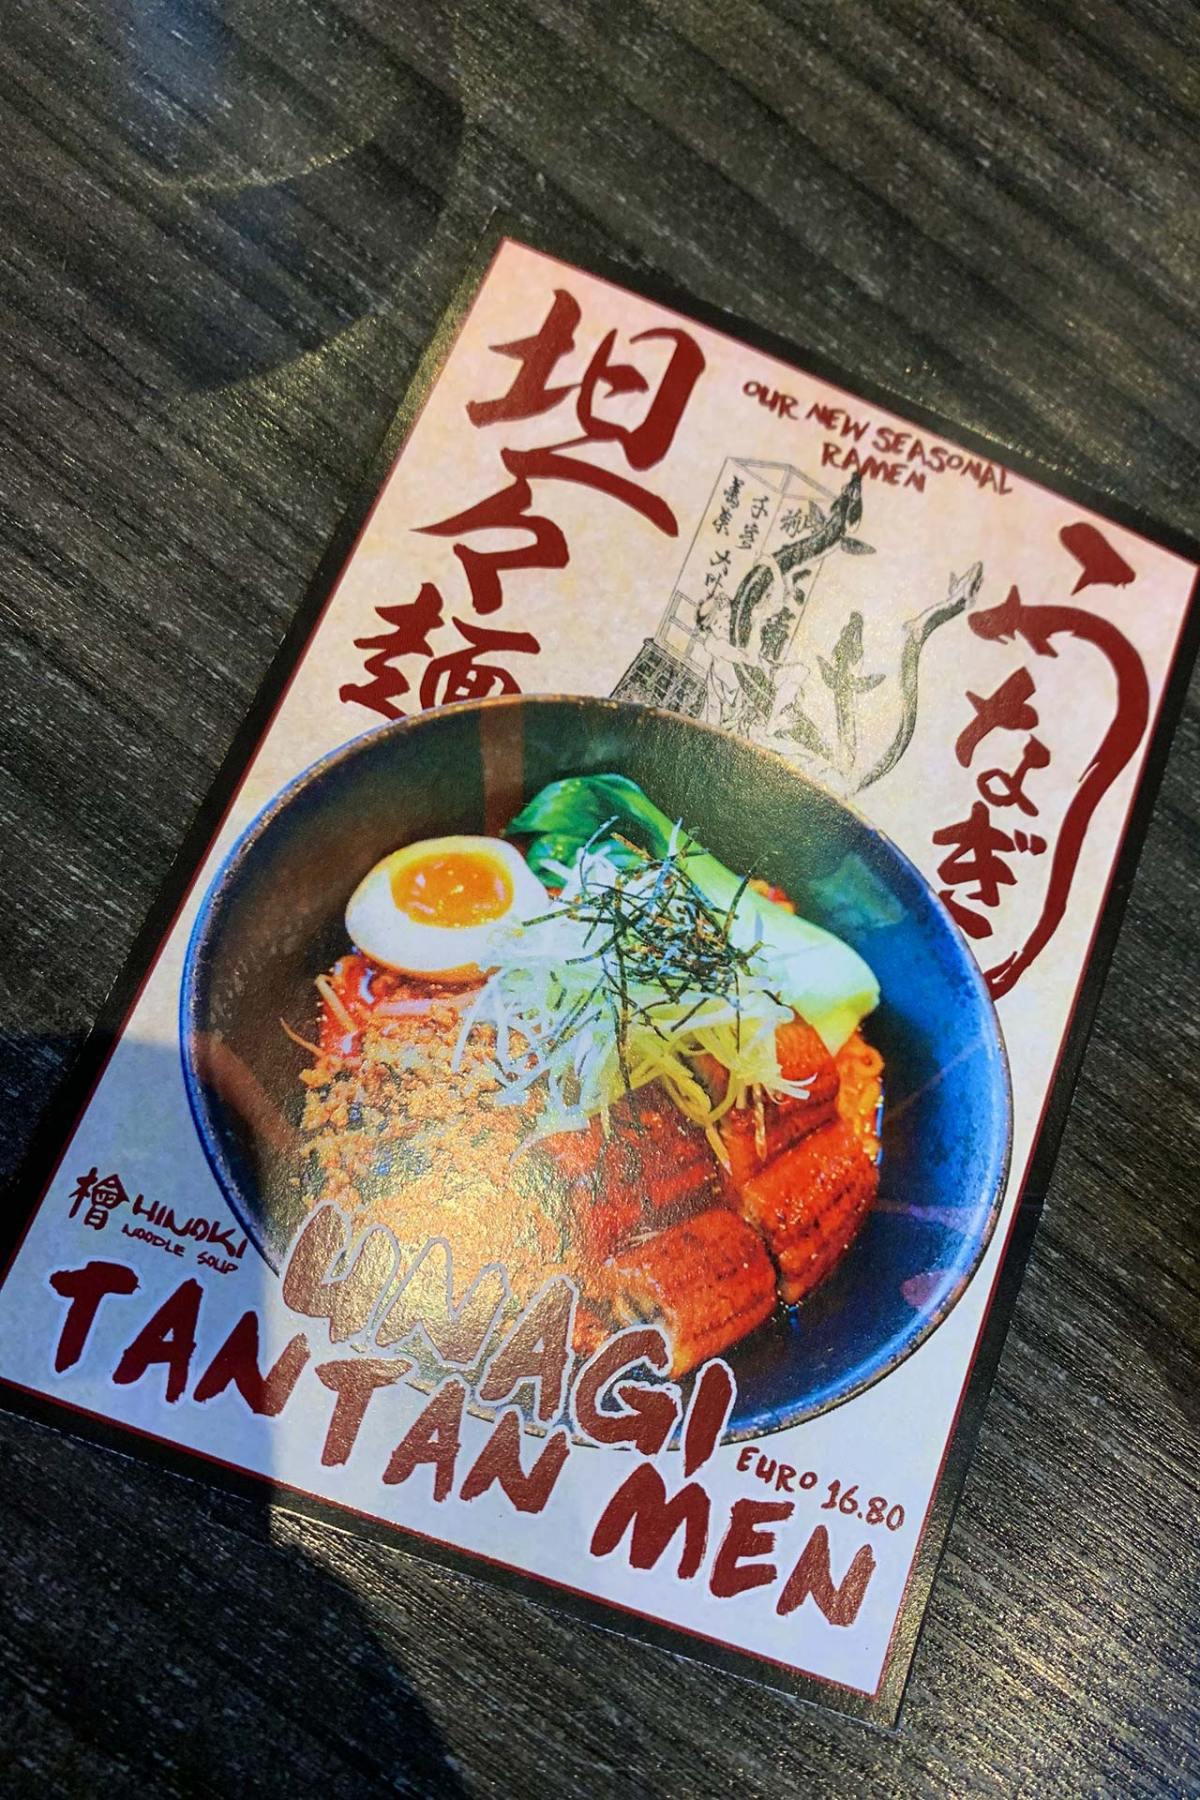 Hinoki Noodle Soup - Unagi Tanatan Men